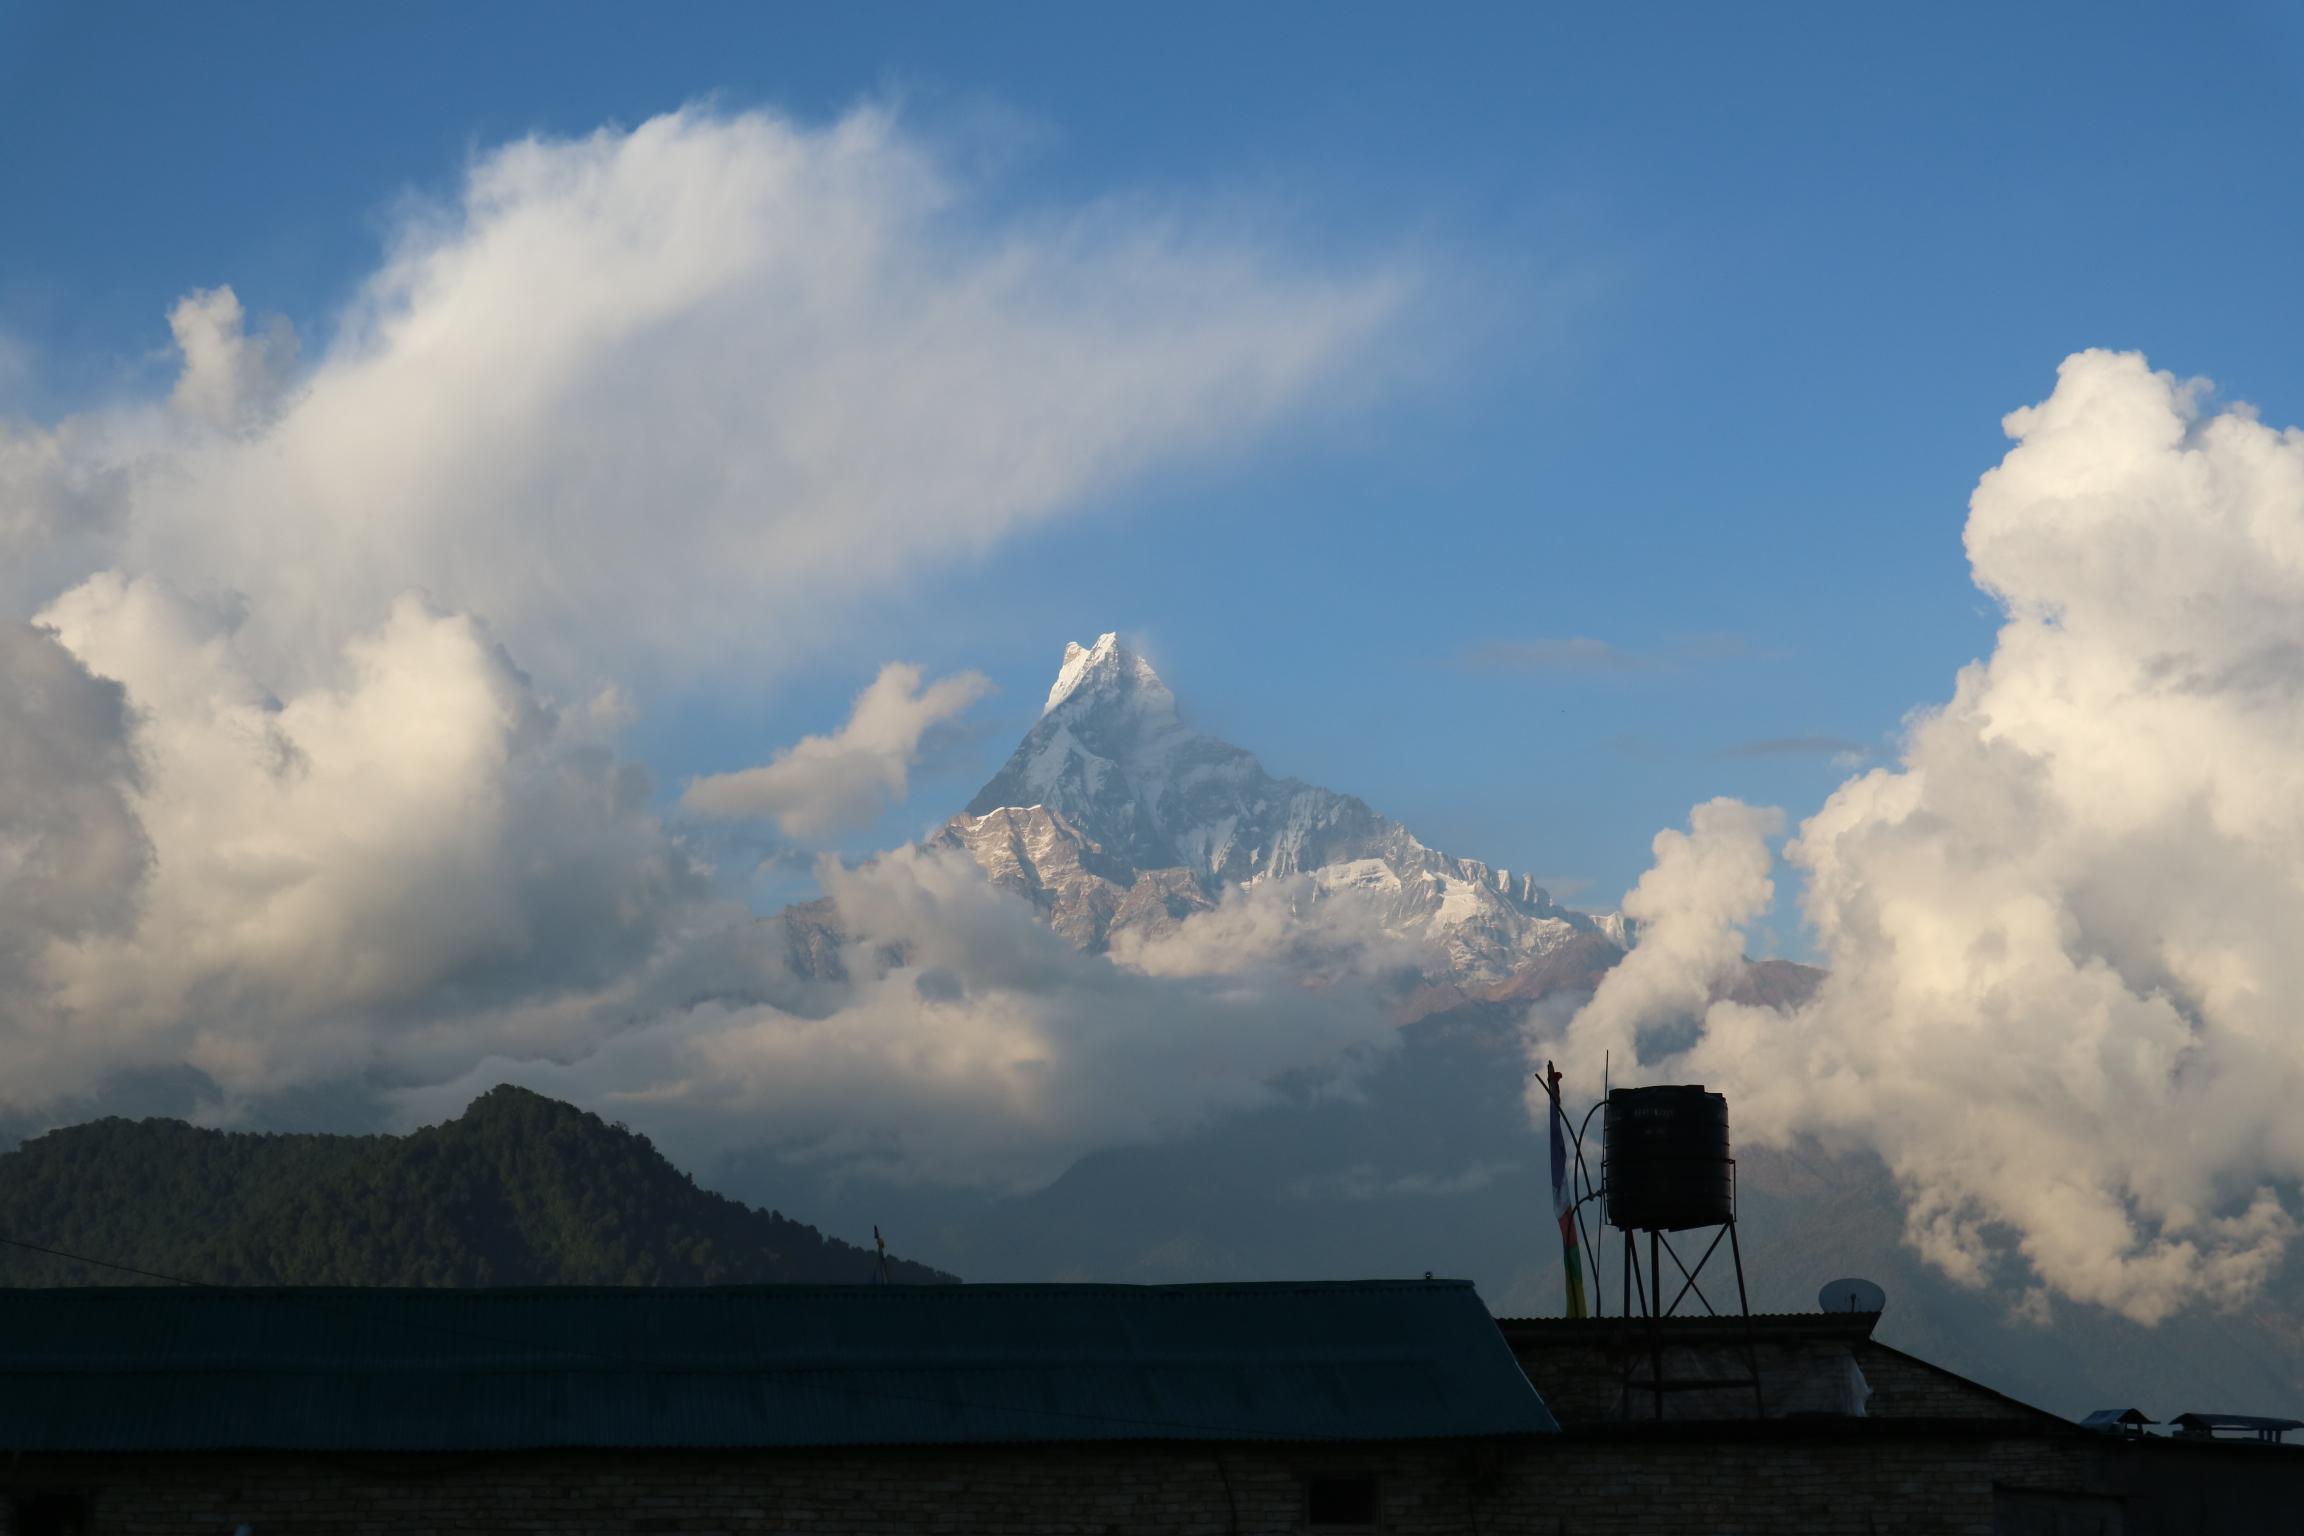 ネパール旅行 3 ポカラ観光とオーストラリアンキャンプ ハイキング その1